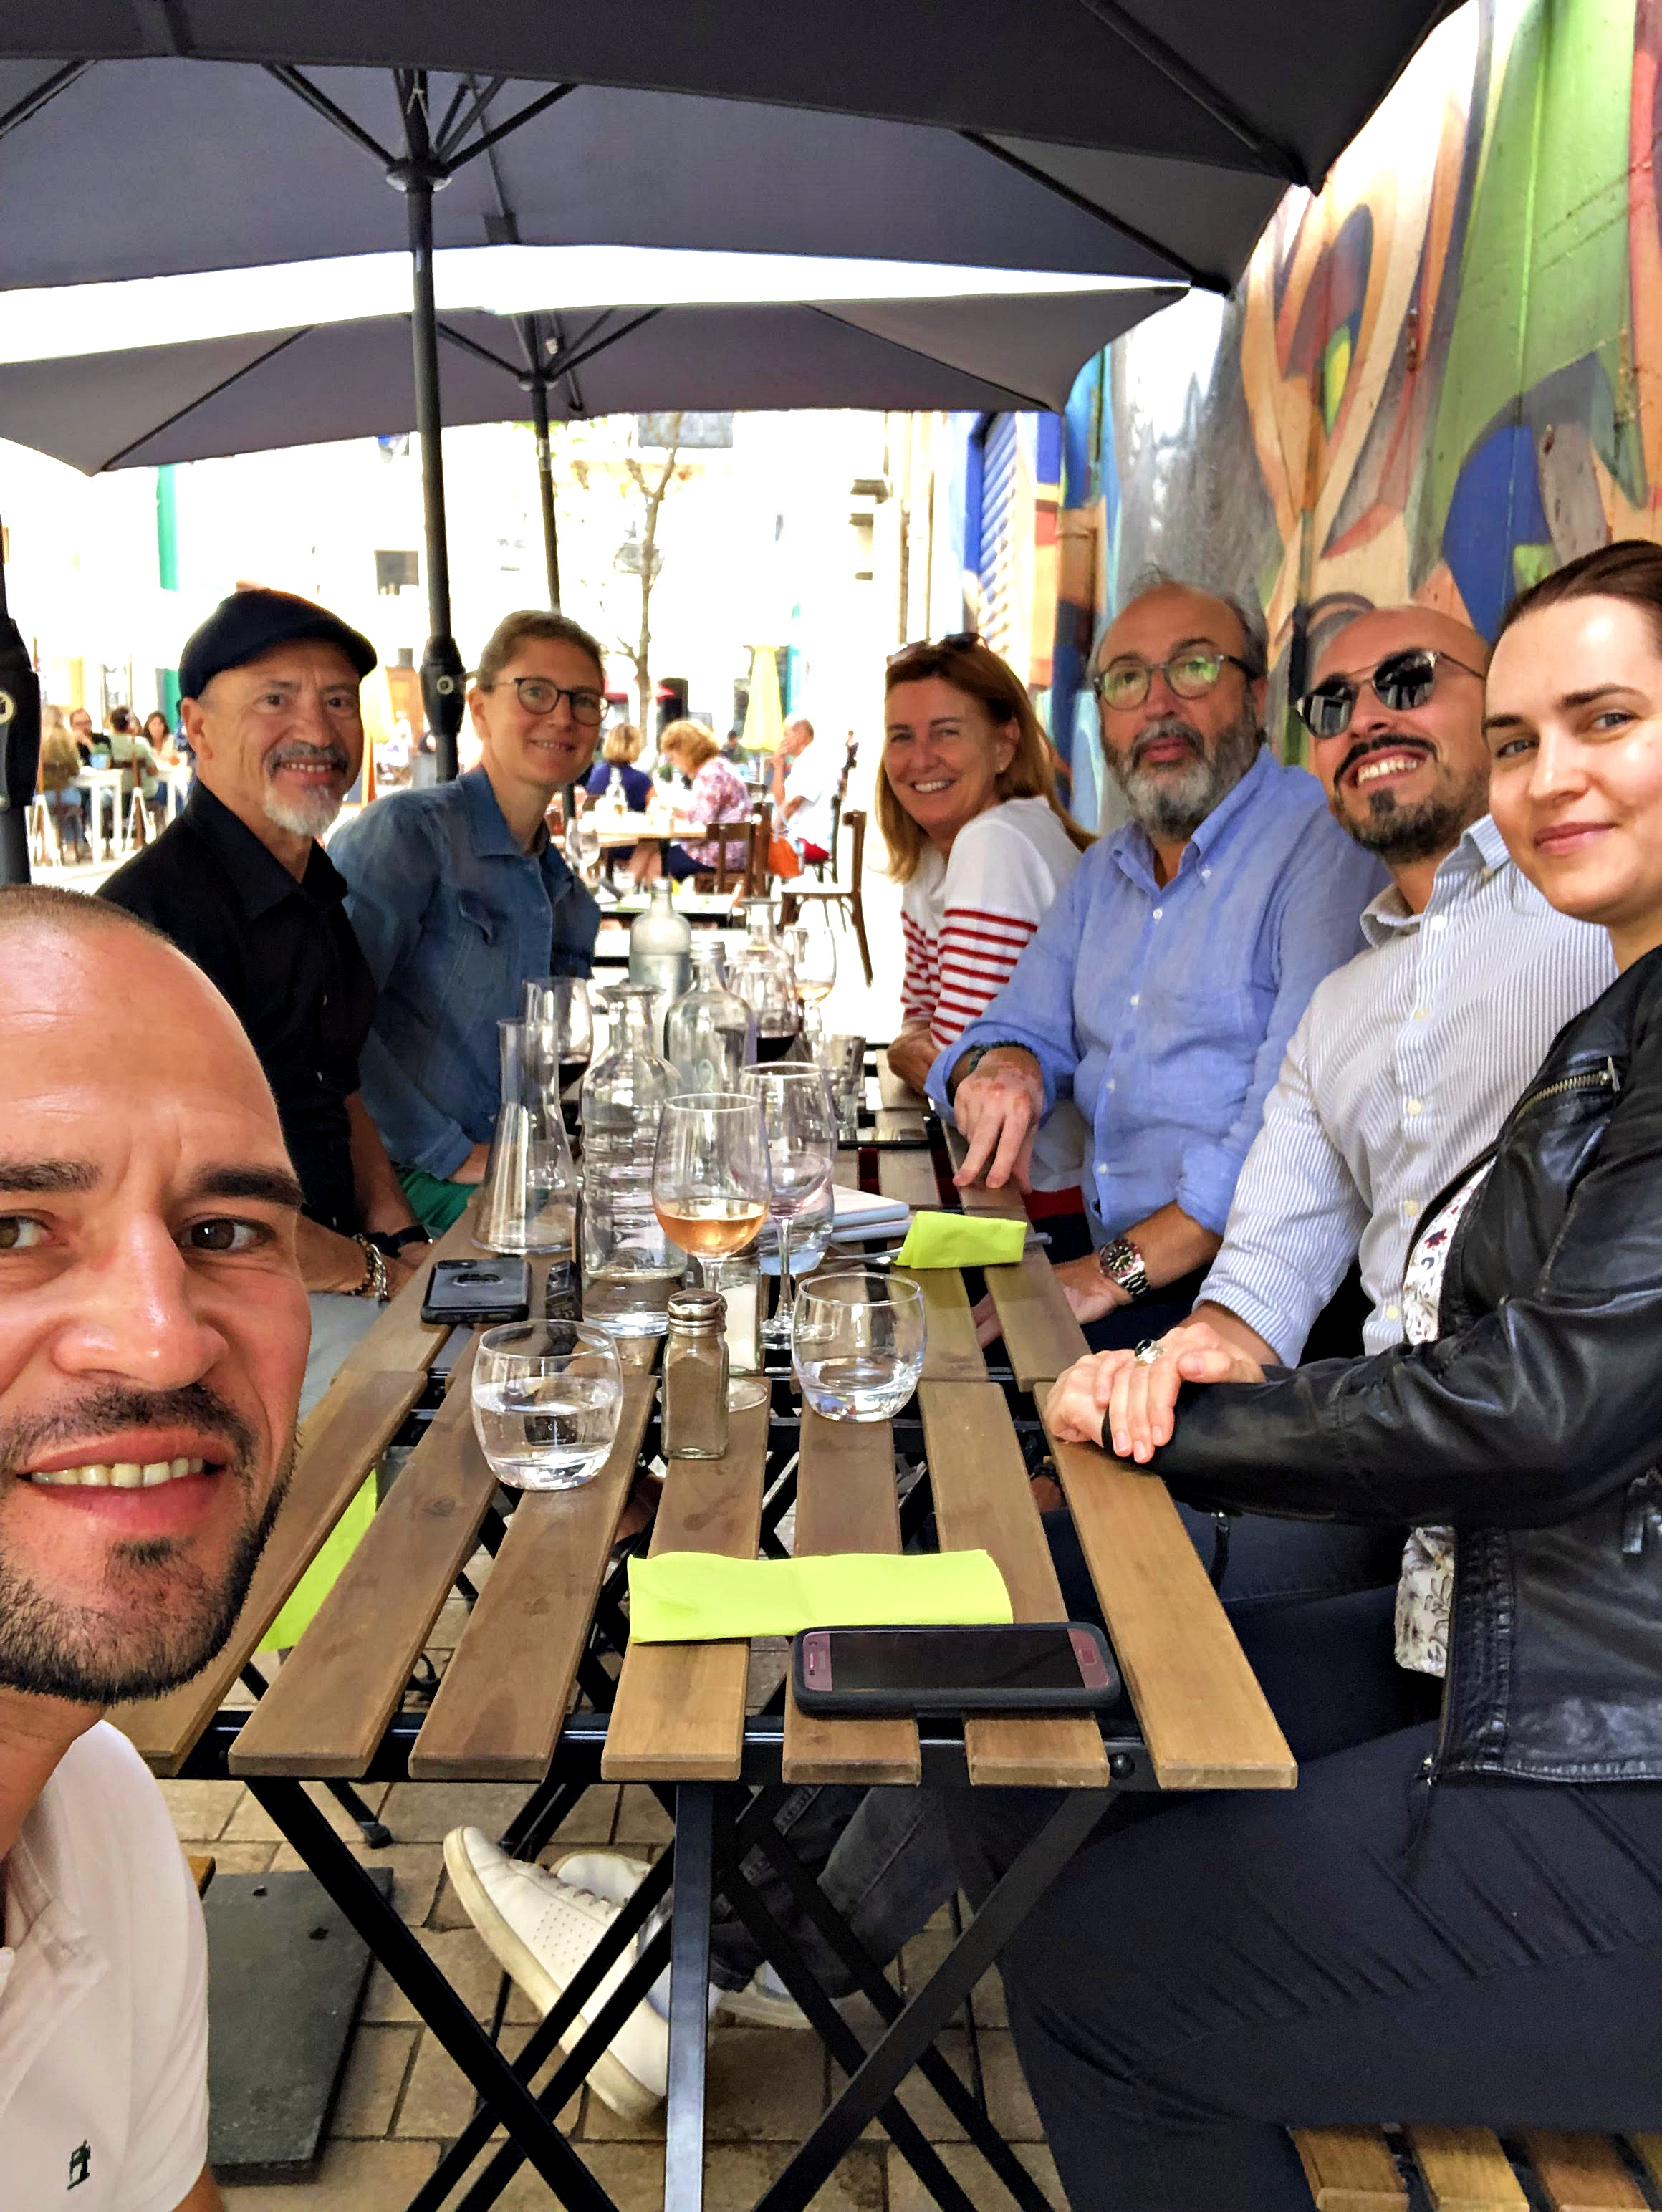 Frédéric Lorin (IFTM) de visite chez TourMaG.com à Marseille